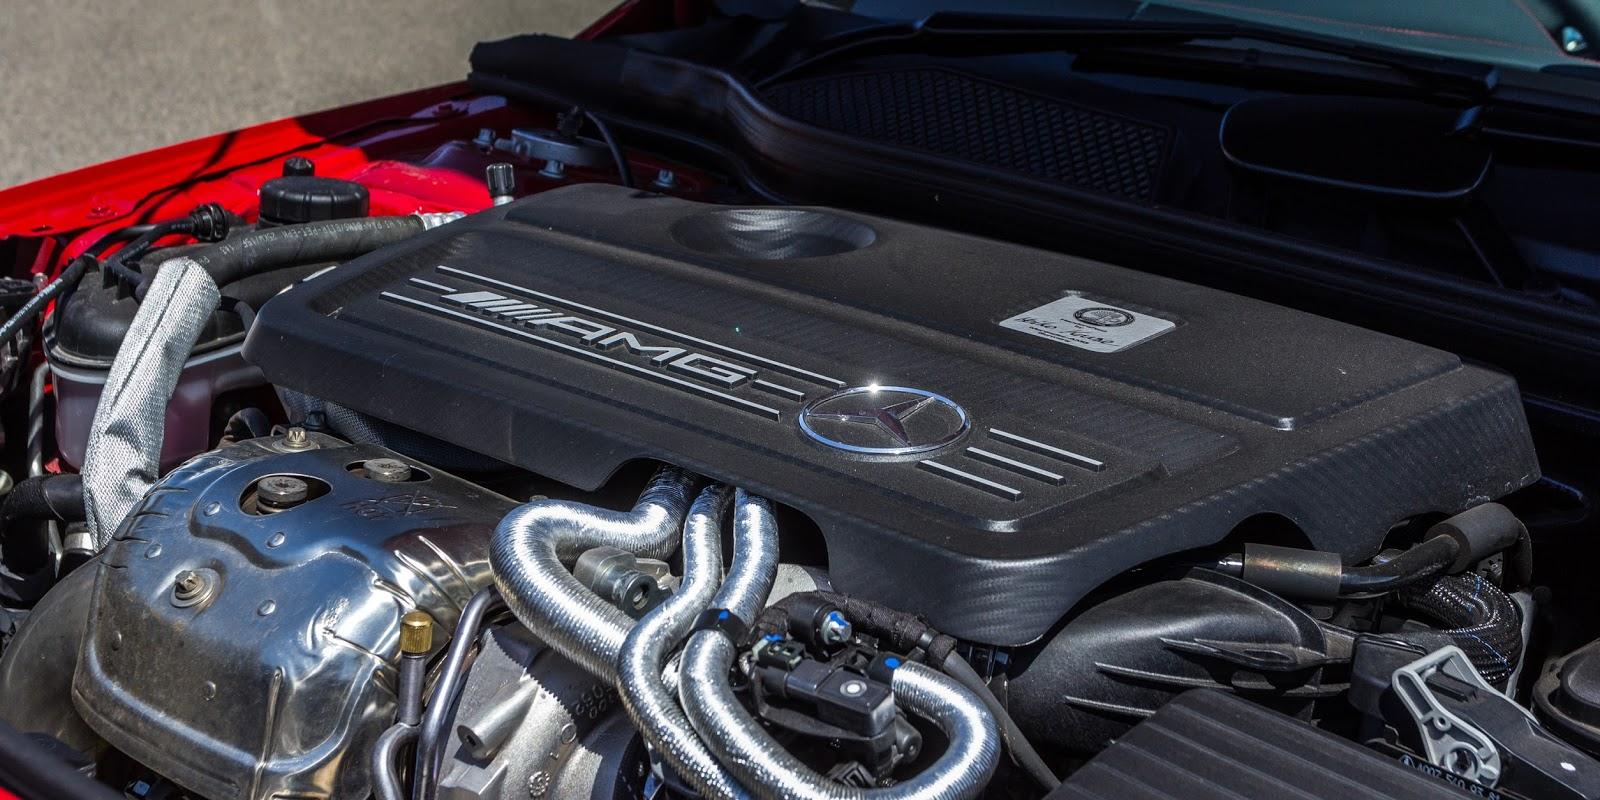 Động cơ của A45 AMG là động cơ cực mạnh và chẳng thua kém mấy những chiếc siêu xe